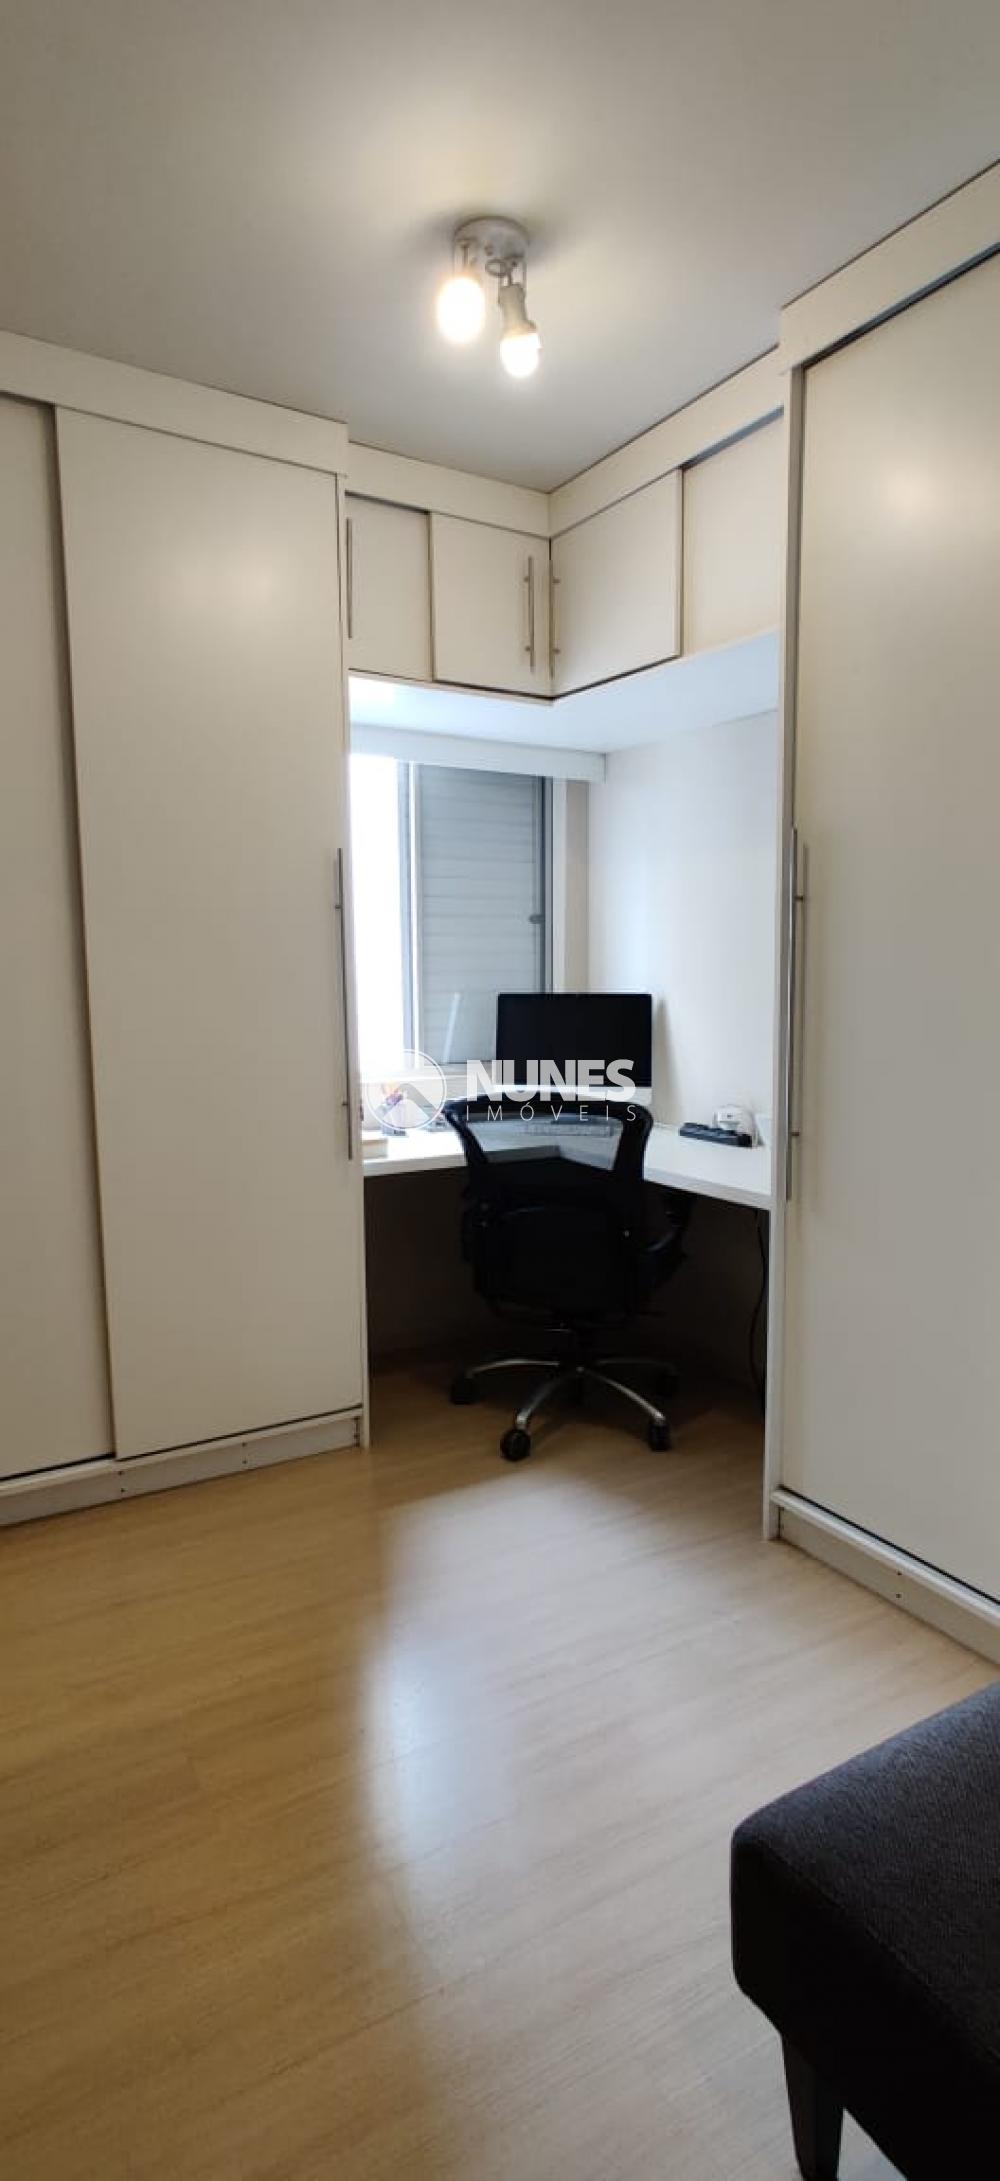 Comprar Apartamento / Padrão em Osasco apenas R$ 265.000,00 - Foto 16